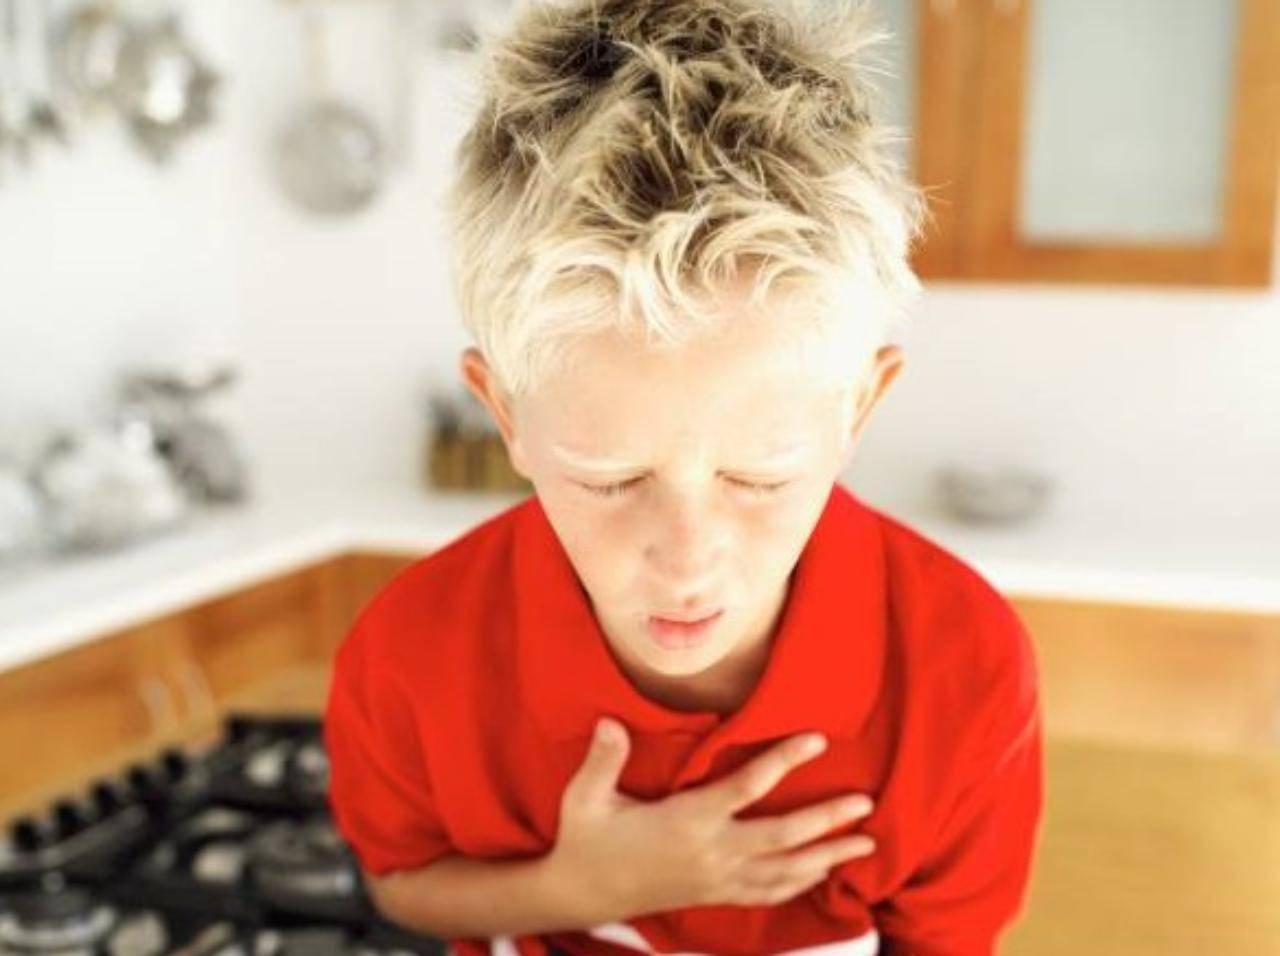 Bambino di 12 anni soffoca mentre mangia una mozzarella